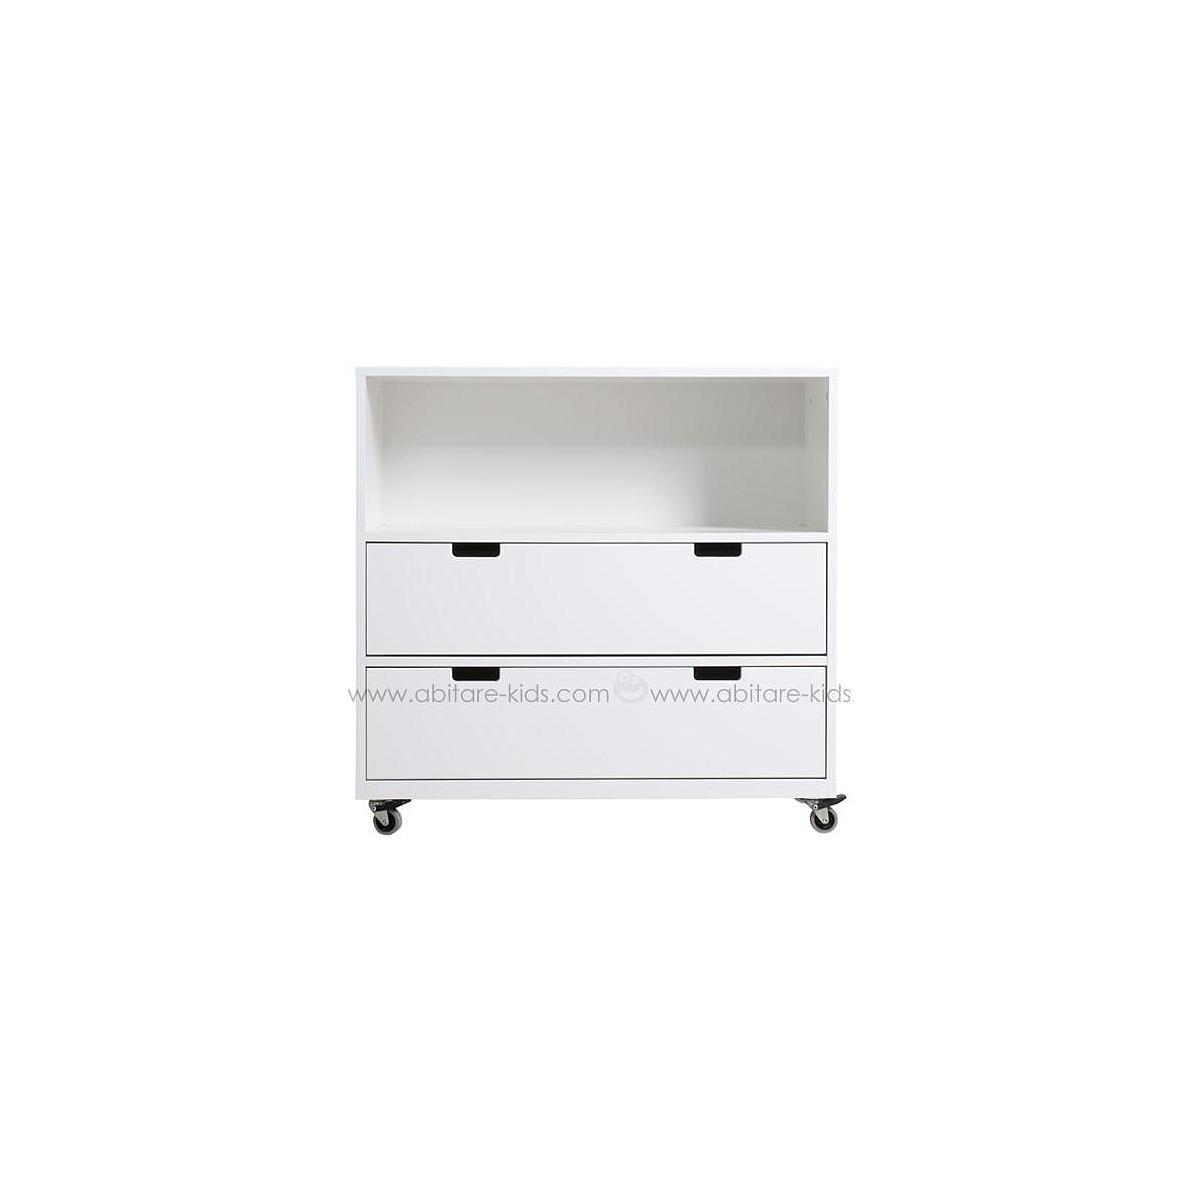 COMBIFLEX by Bopita Petite armoire à roulettes 1 espace + 2 tiroirs - Small